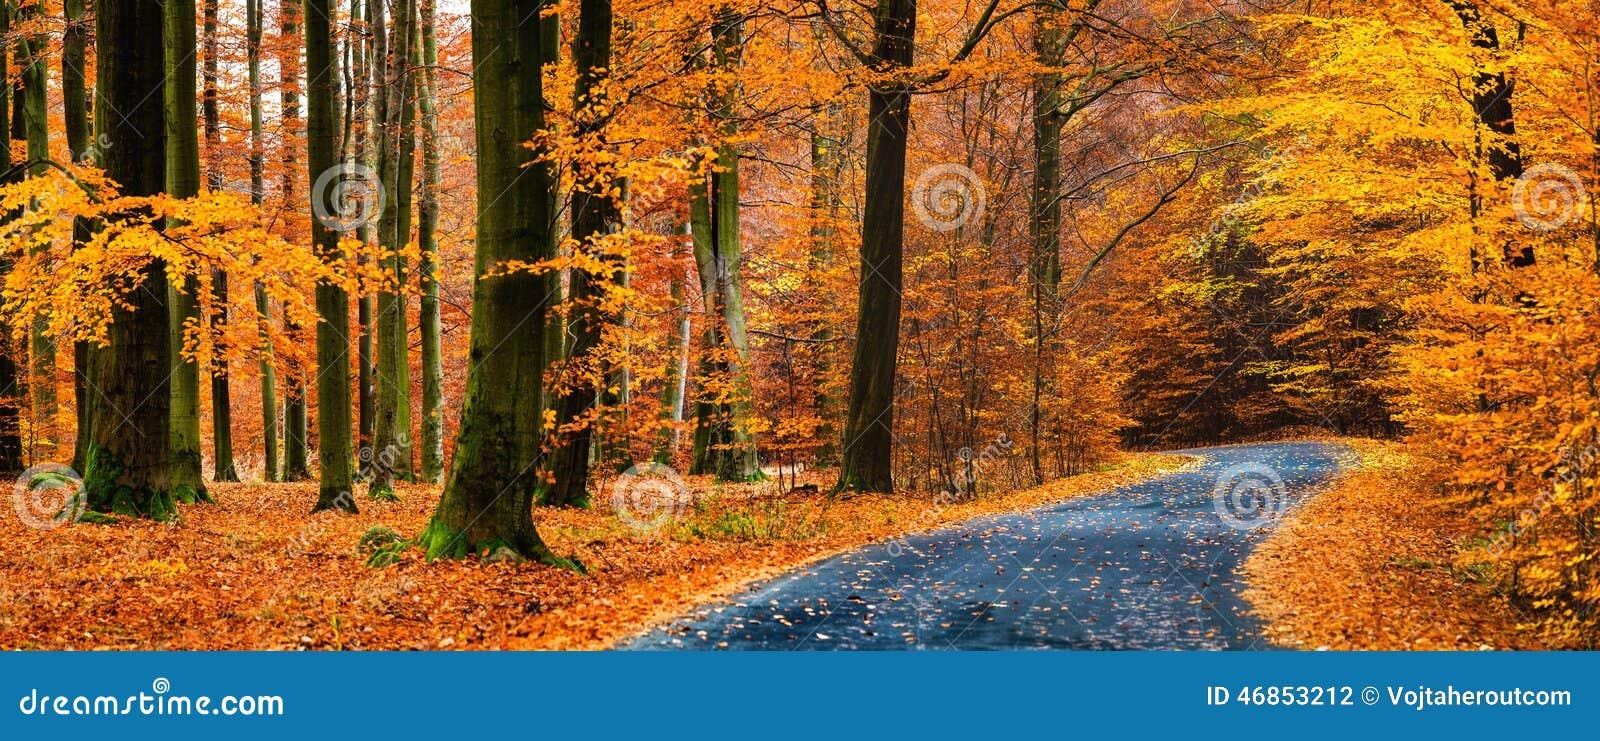 Ansicht der Asphaltstraße im schönen goldenen Buchenwald während des Herbstes